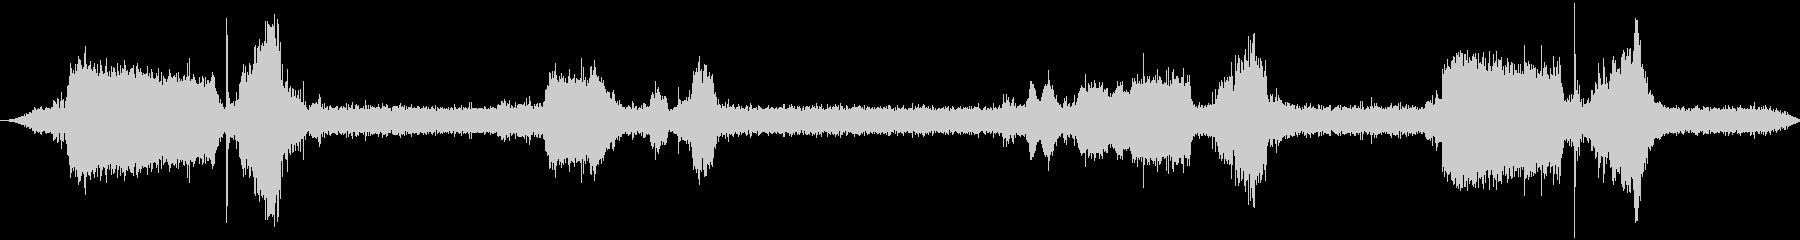 アンティーク製材所:ディーゼルエン...の未再生の波形